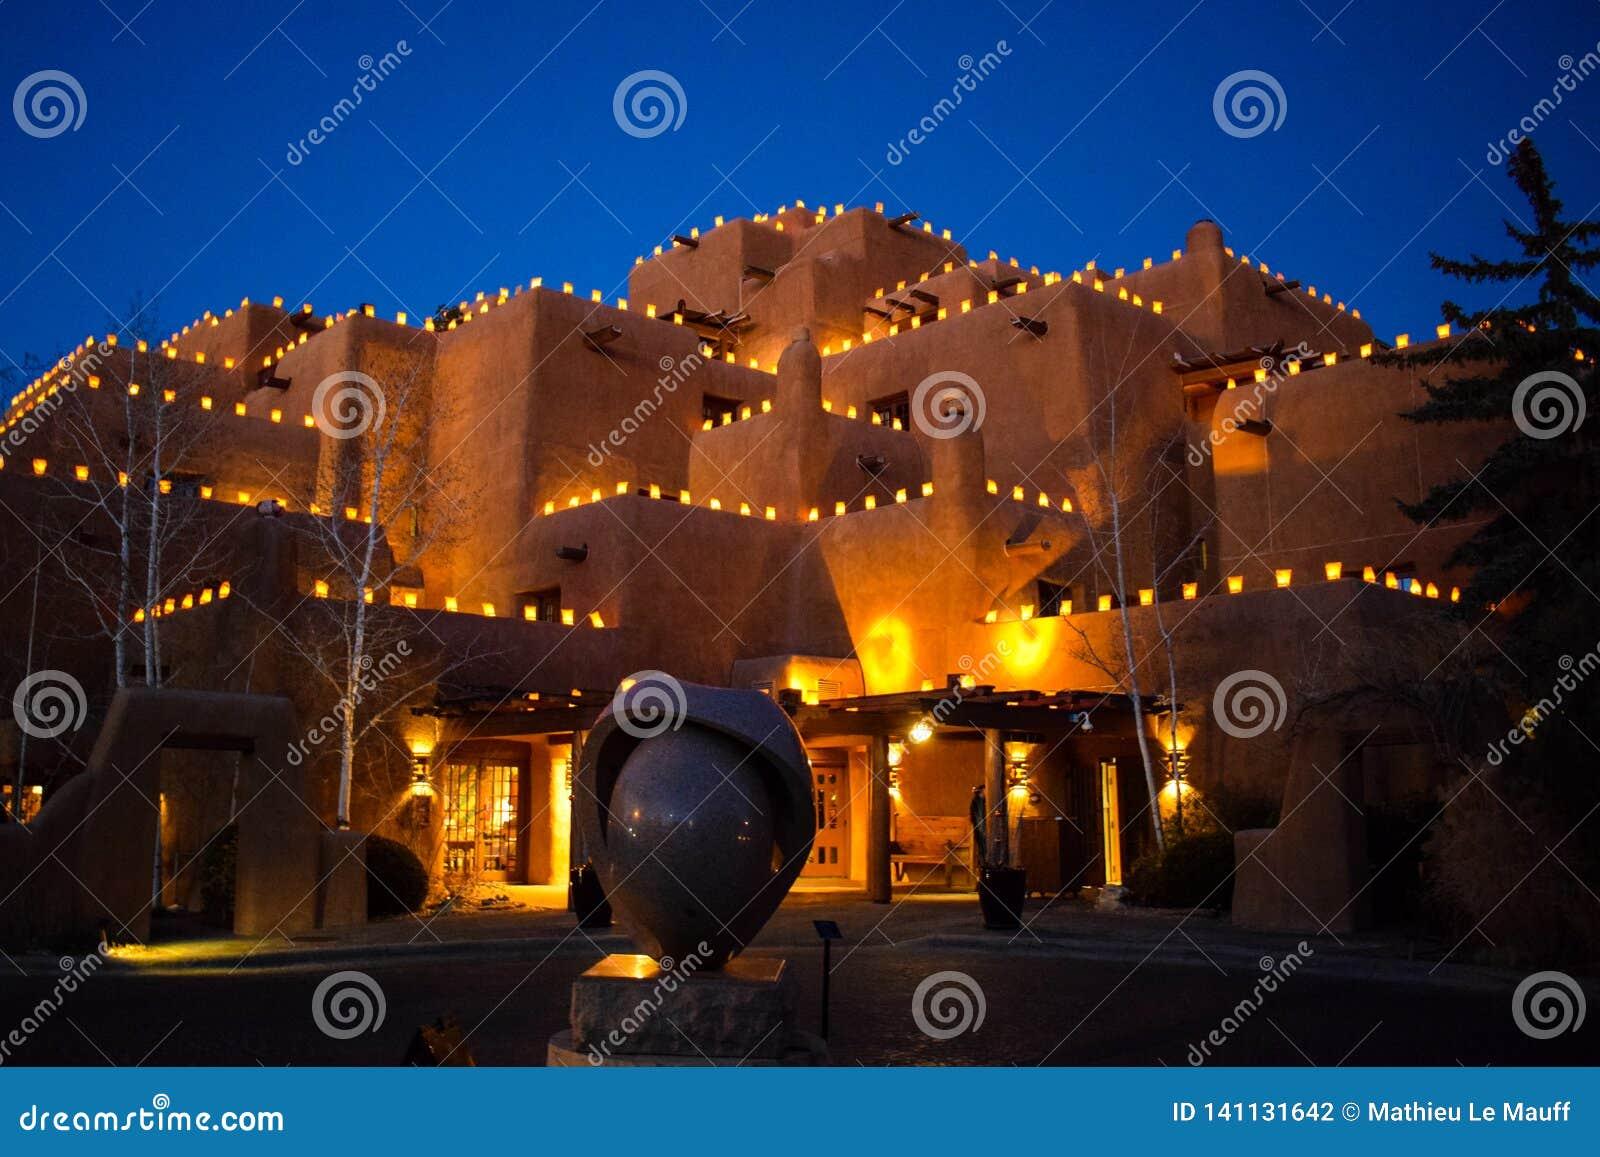 Santa Fe& x27;s Christmastime Lanterns - Faralitos and Luminarias